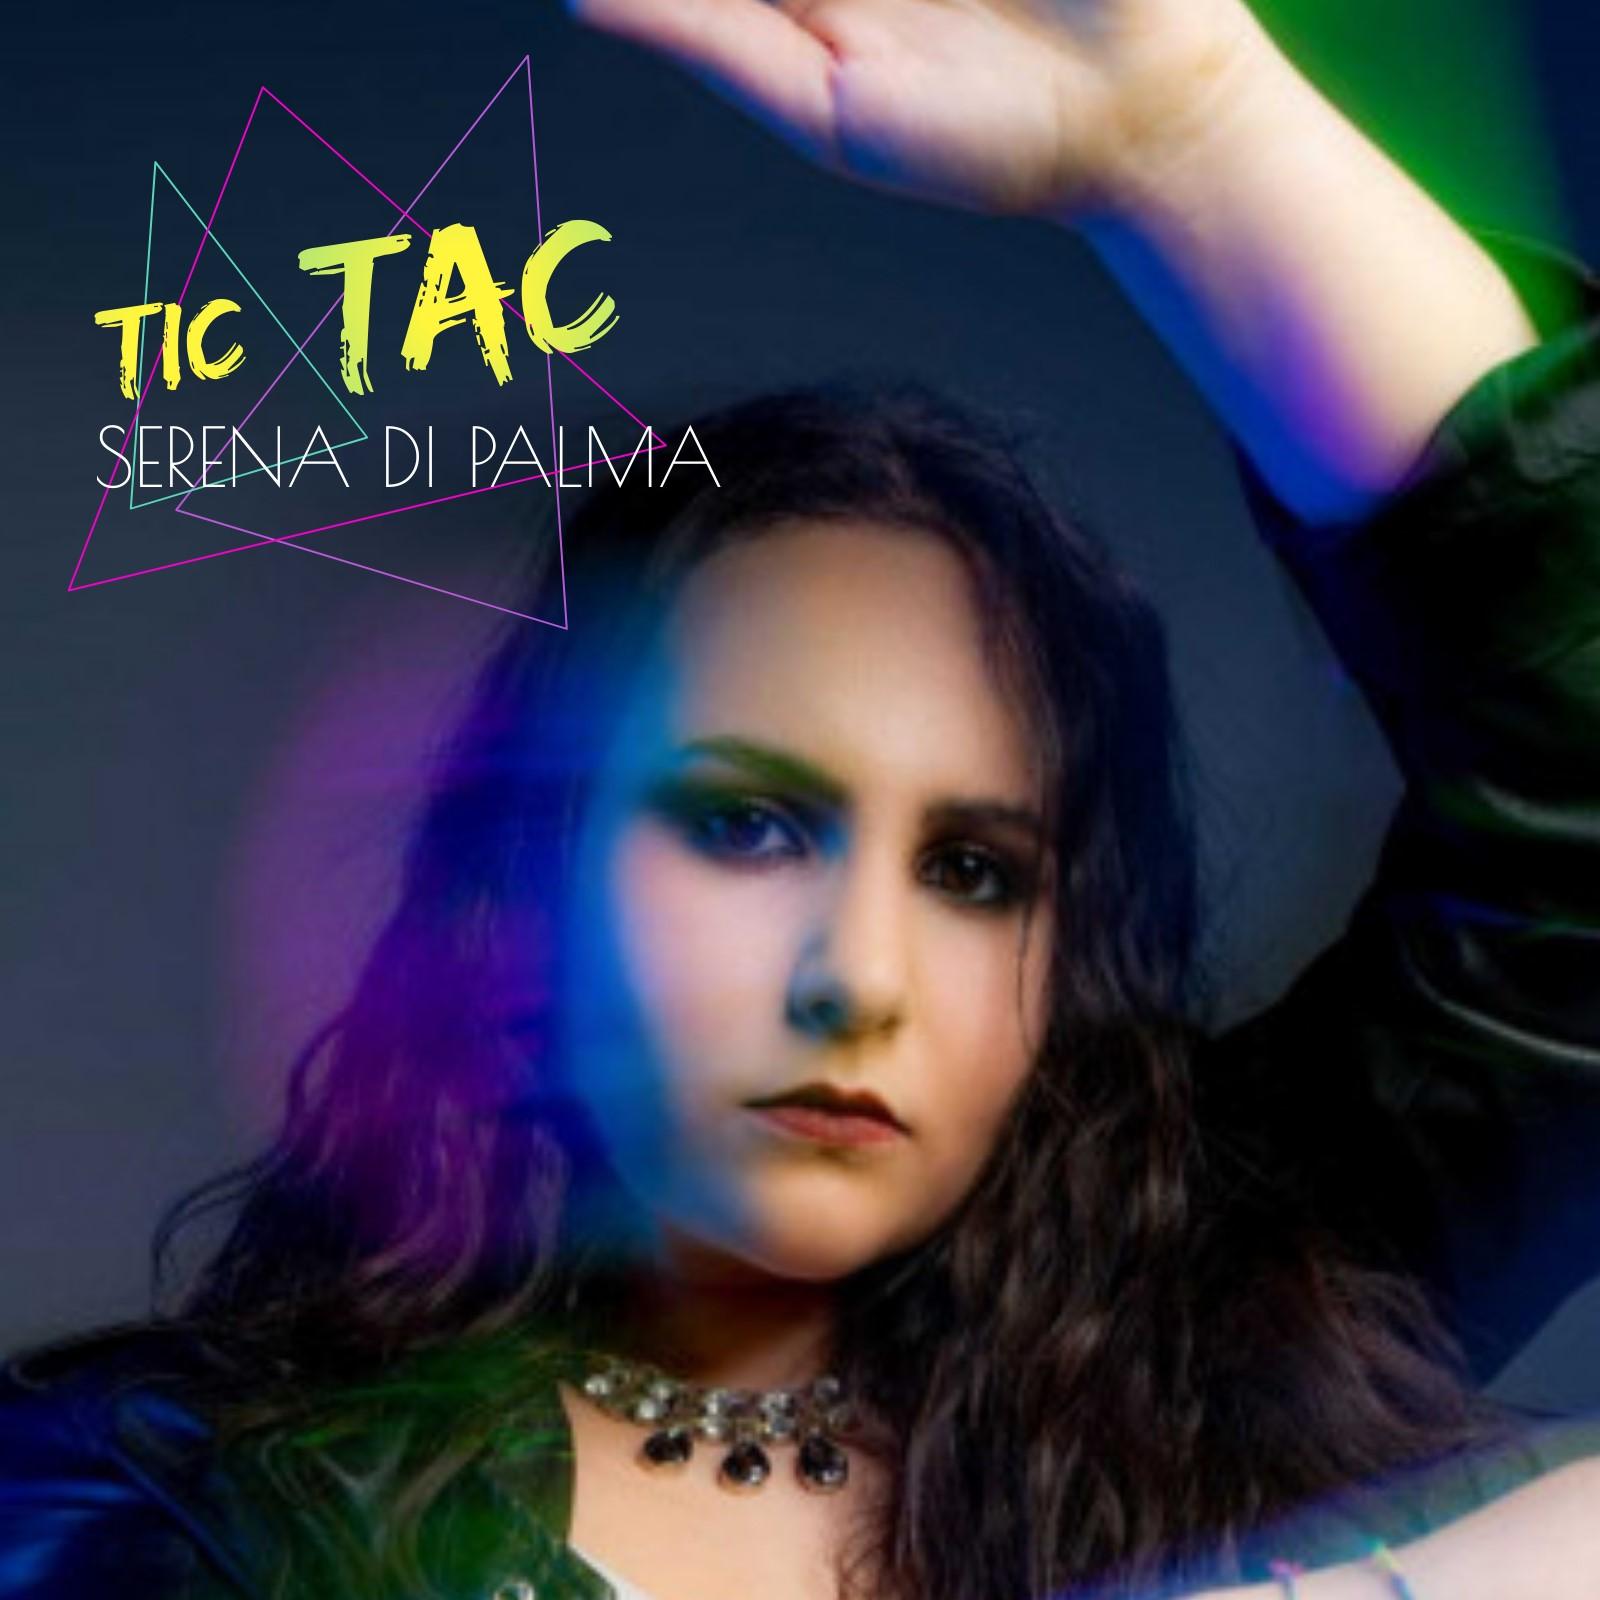 """Serena Di Palma fuori con il suo primo singolo """"Tic Tac"""""""